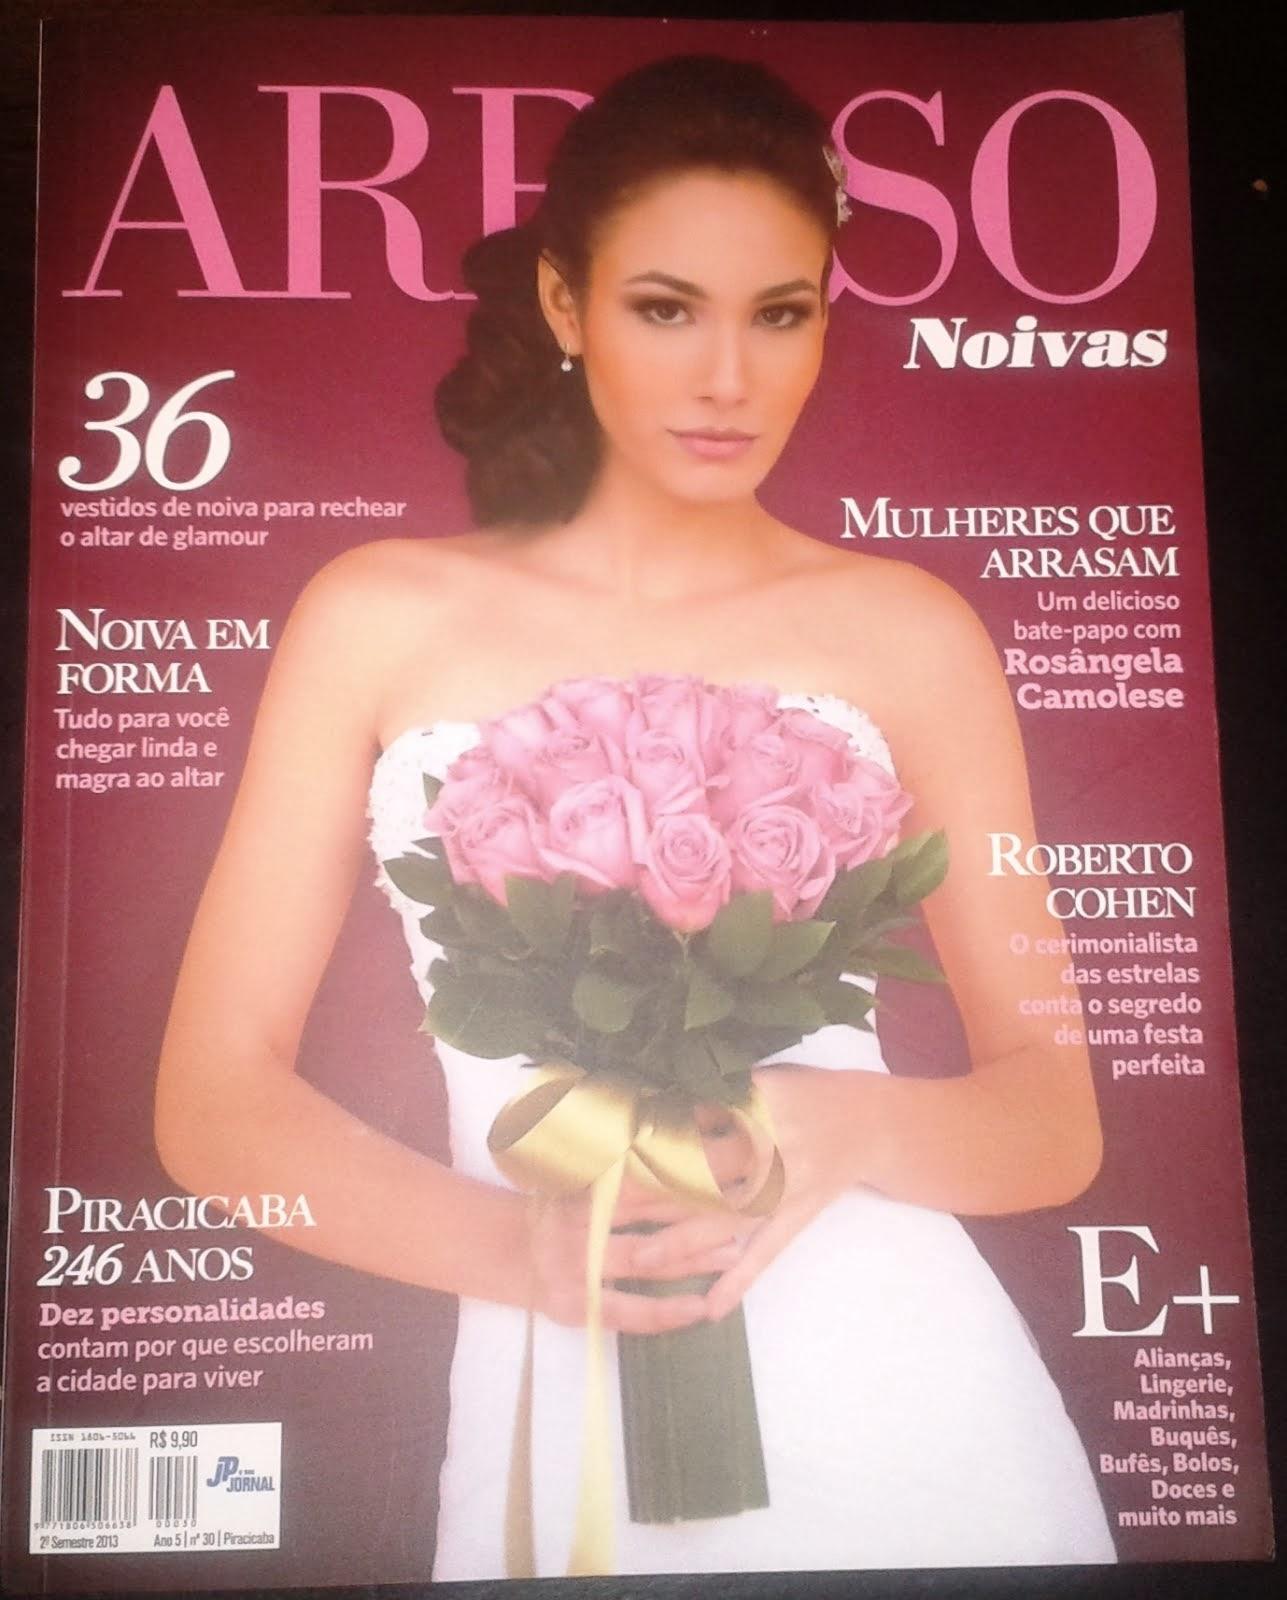 Revista Arraso Noivas - SP